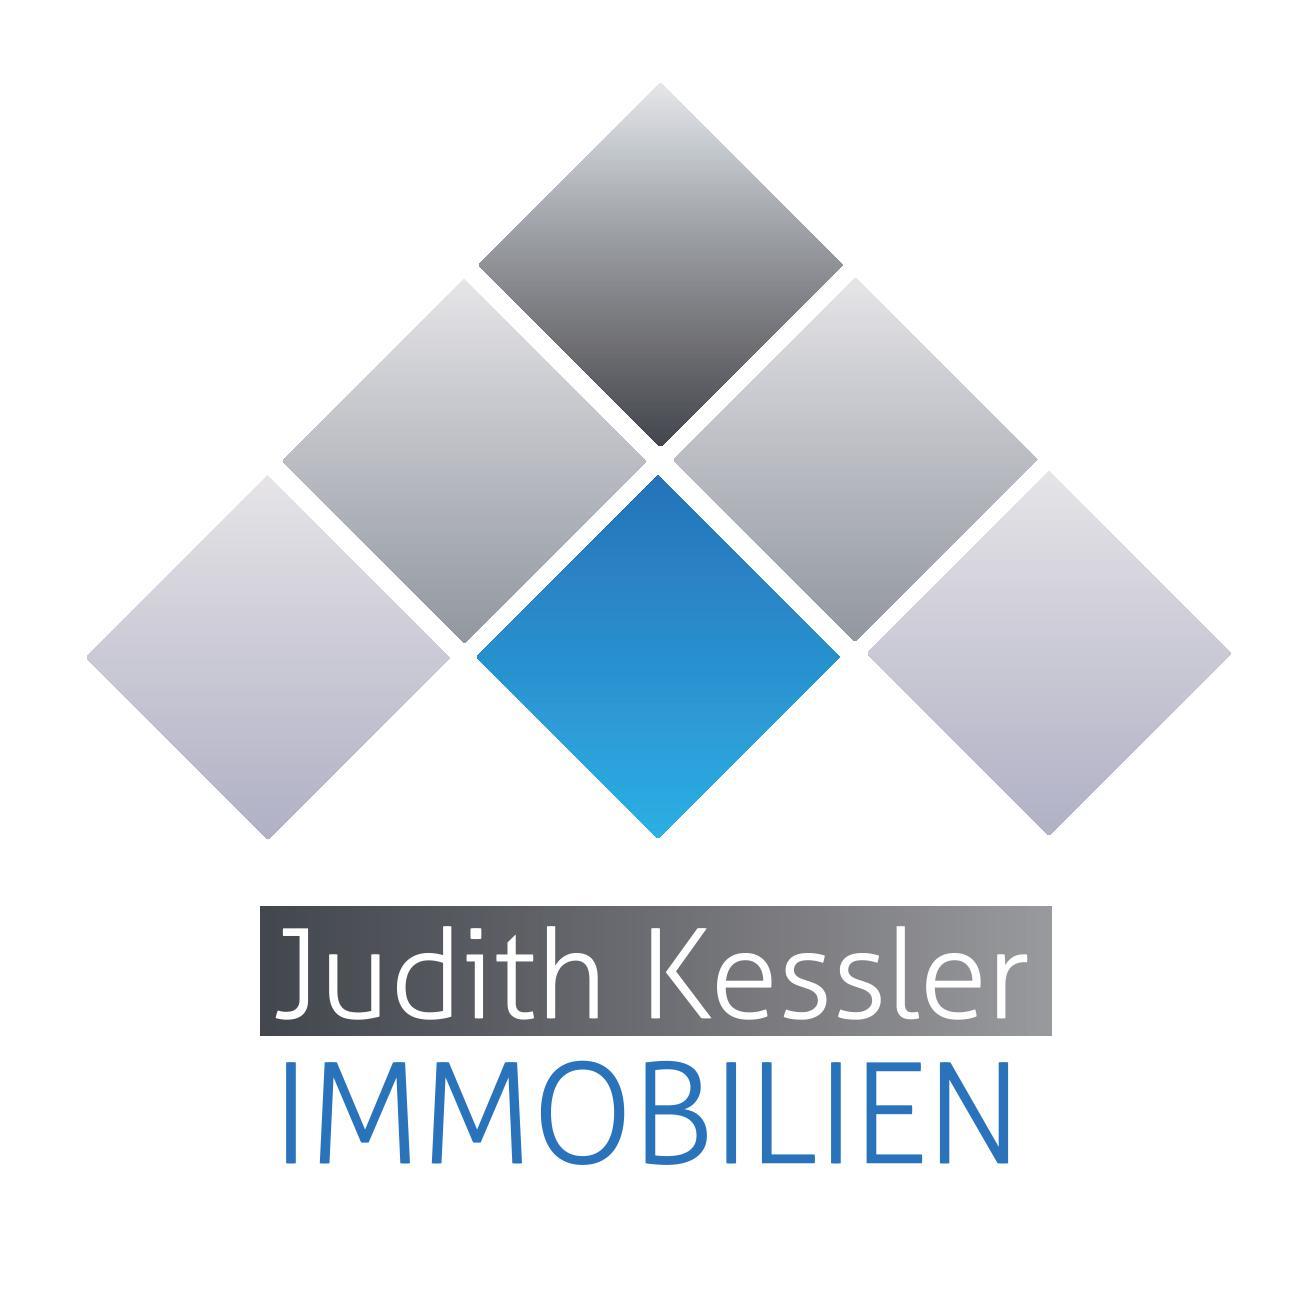 judithKessler